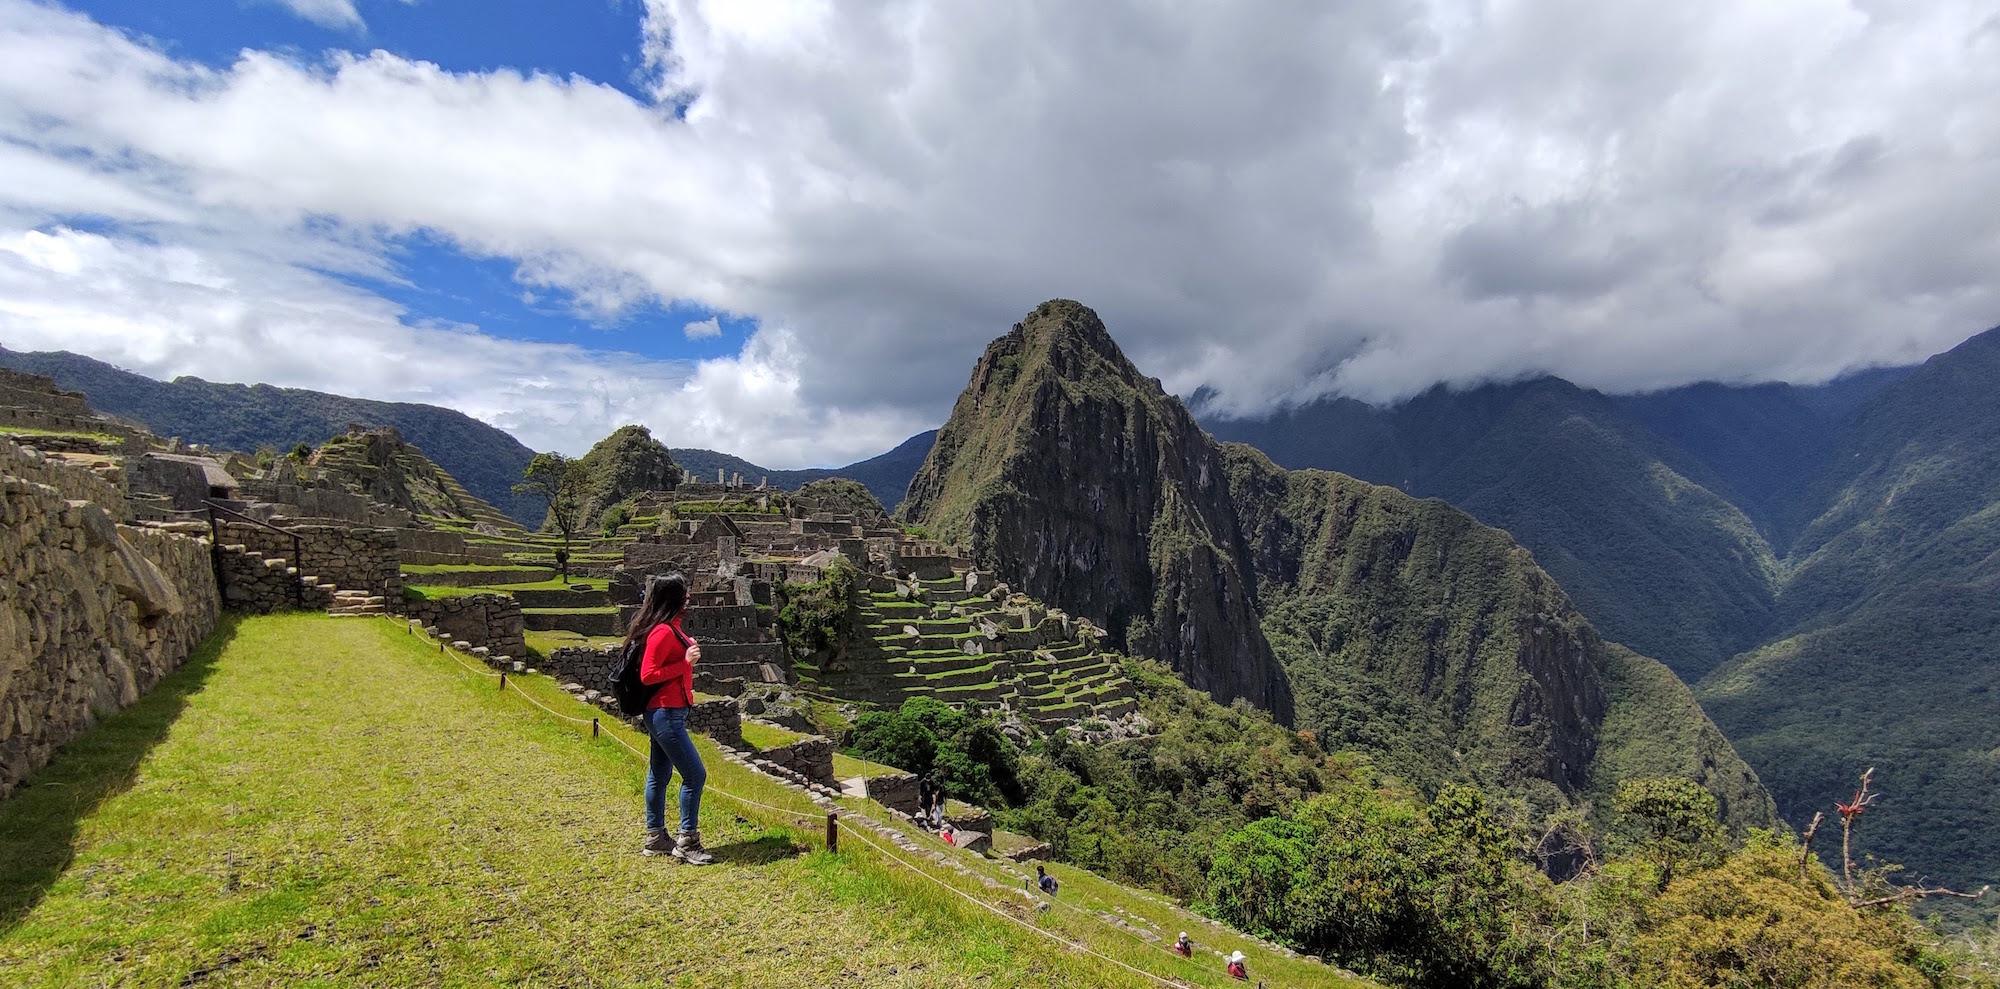 Así es viajar a Machu Picchu en la nueva normalidad del COVID-19